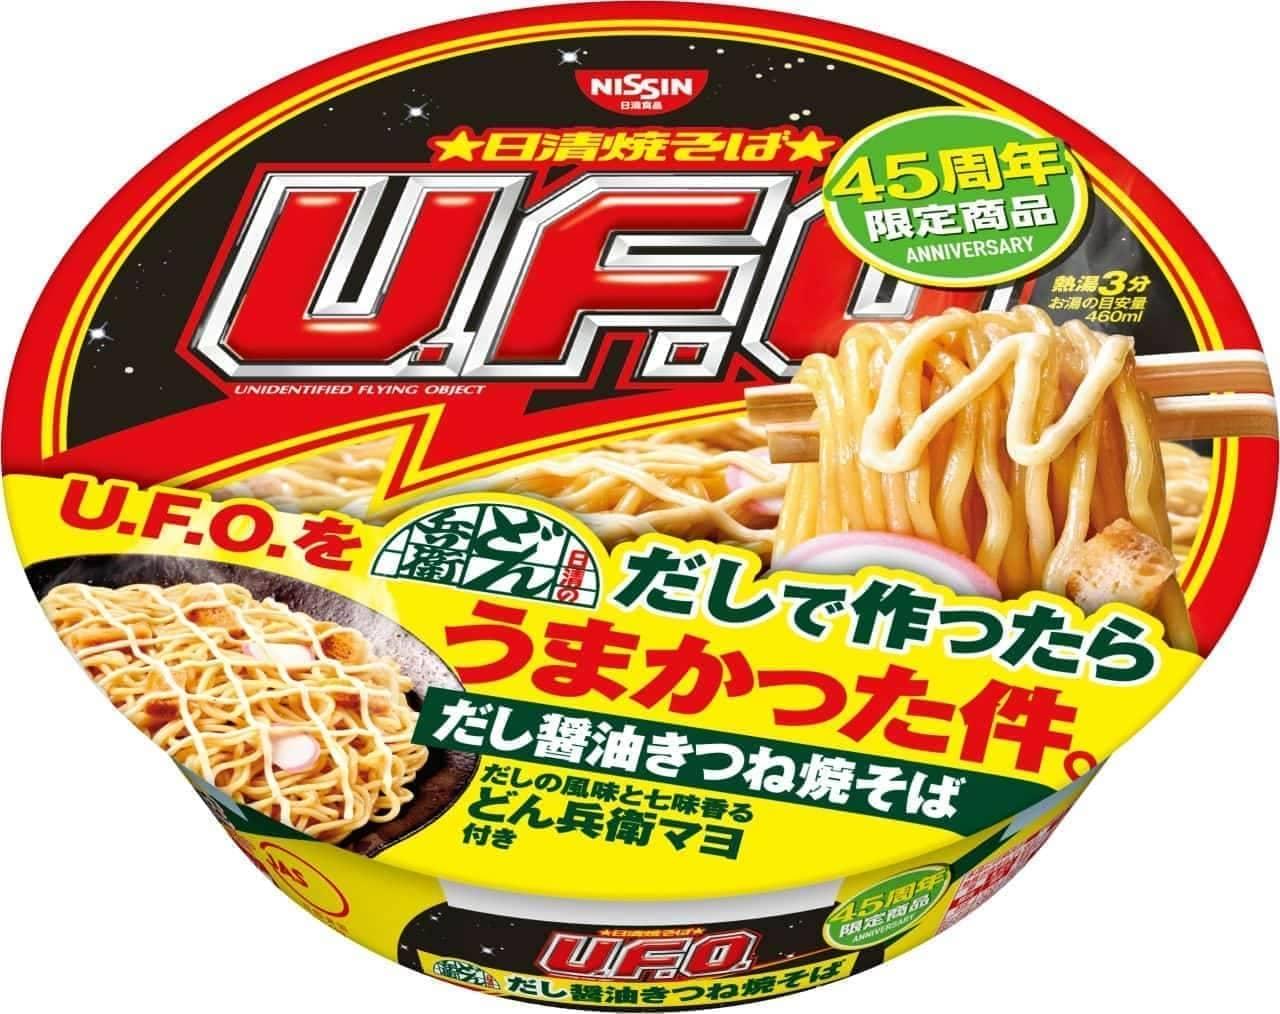 日清食品「日清焼そばU.F.O. だし醤油きつね焼そば」